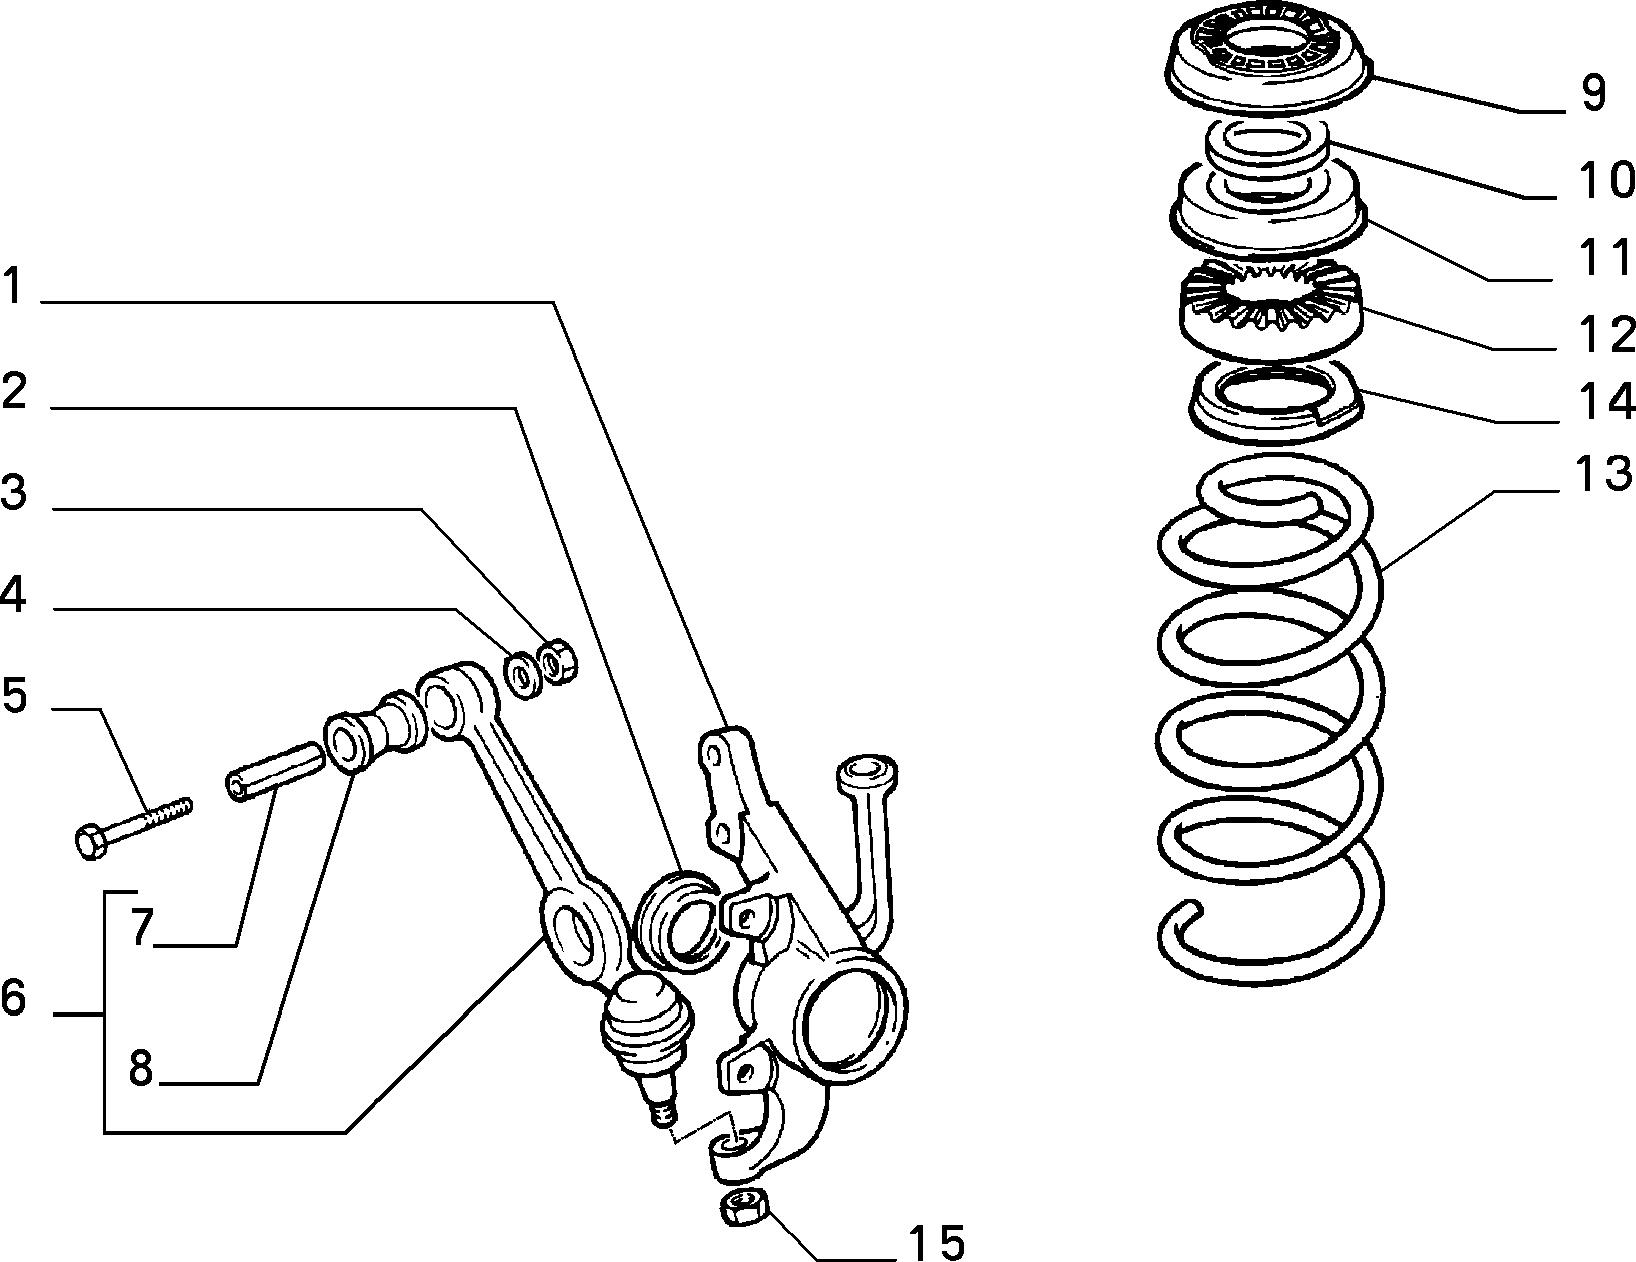 44301/00 ПЕРЕДНЯЯ ПОДВЕСКА